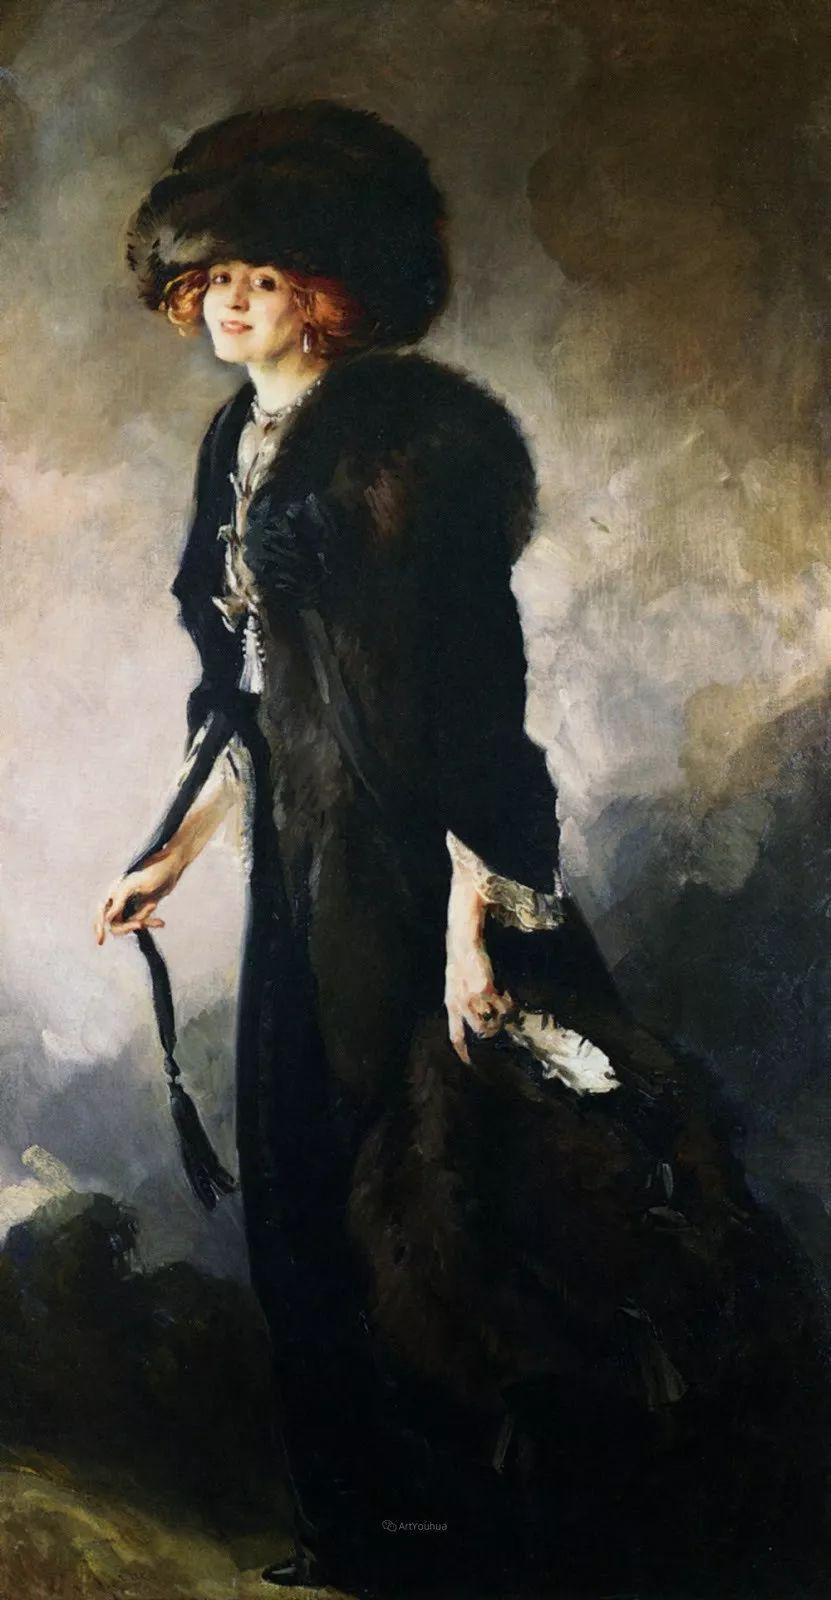 画家笔下苗条的女子,美丽优雅!英裔美国画家James Jebusa Shannon插图38